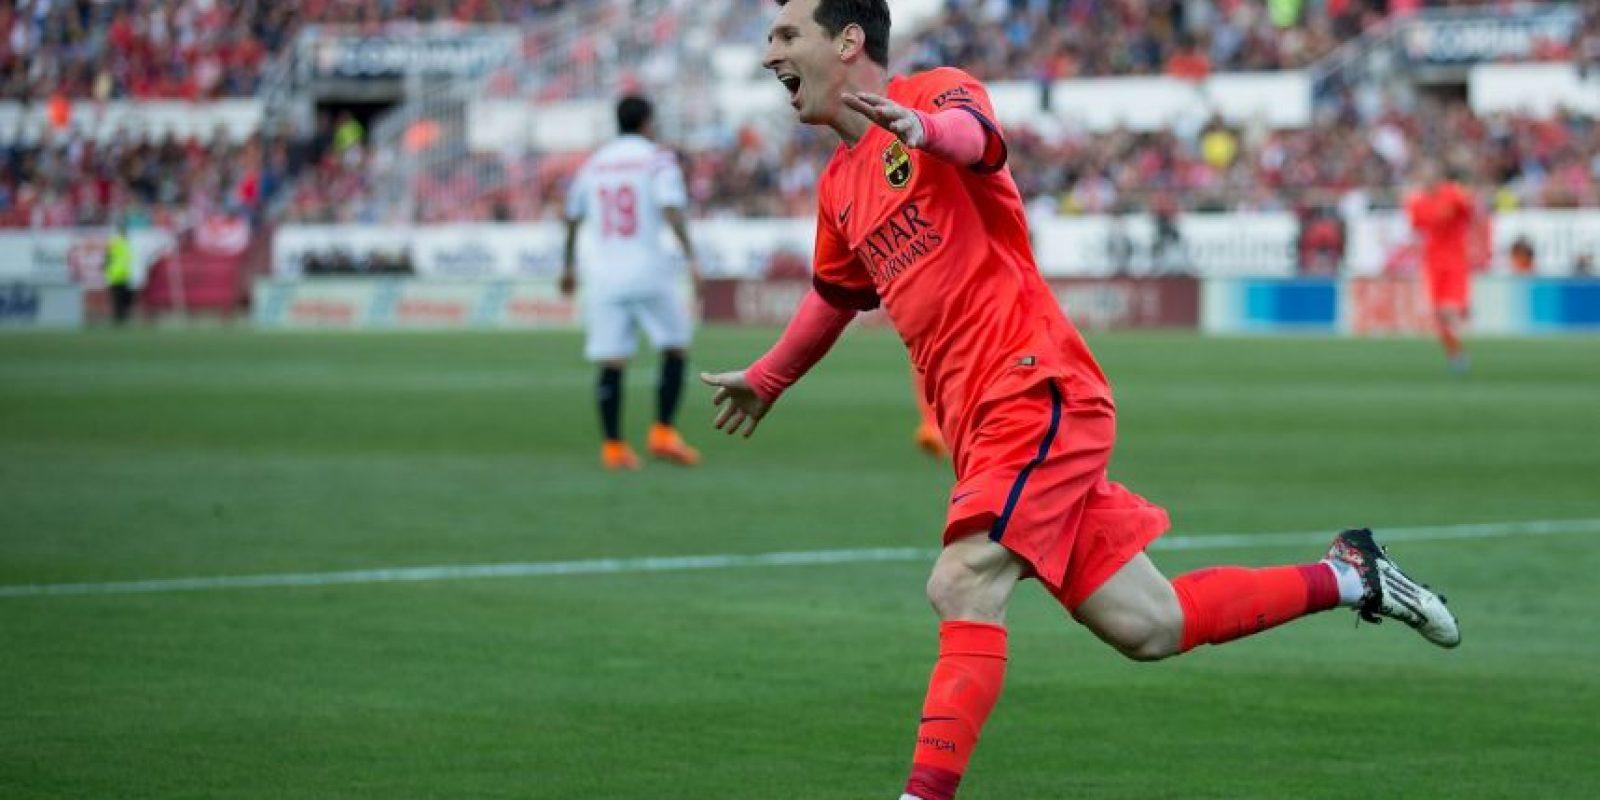 Se cotiza en la misma cantidad que Cristiano Ronaldo, ambos son los más caros de la Champions Foto:Getty Images